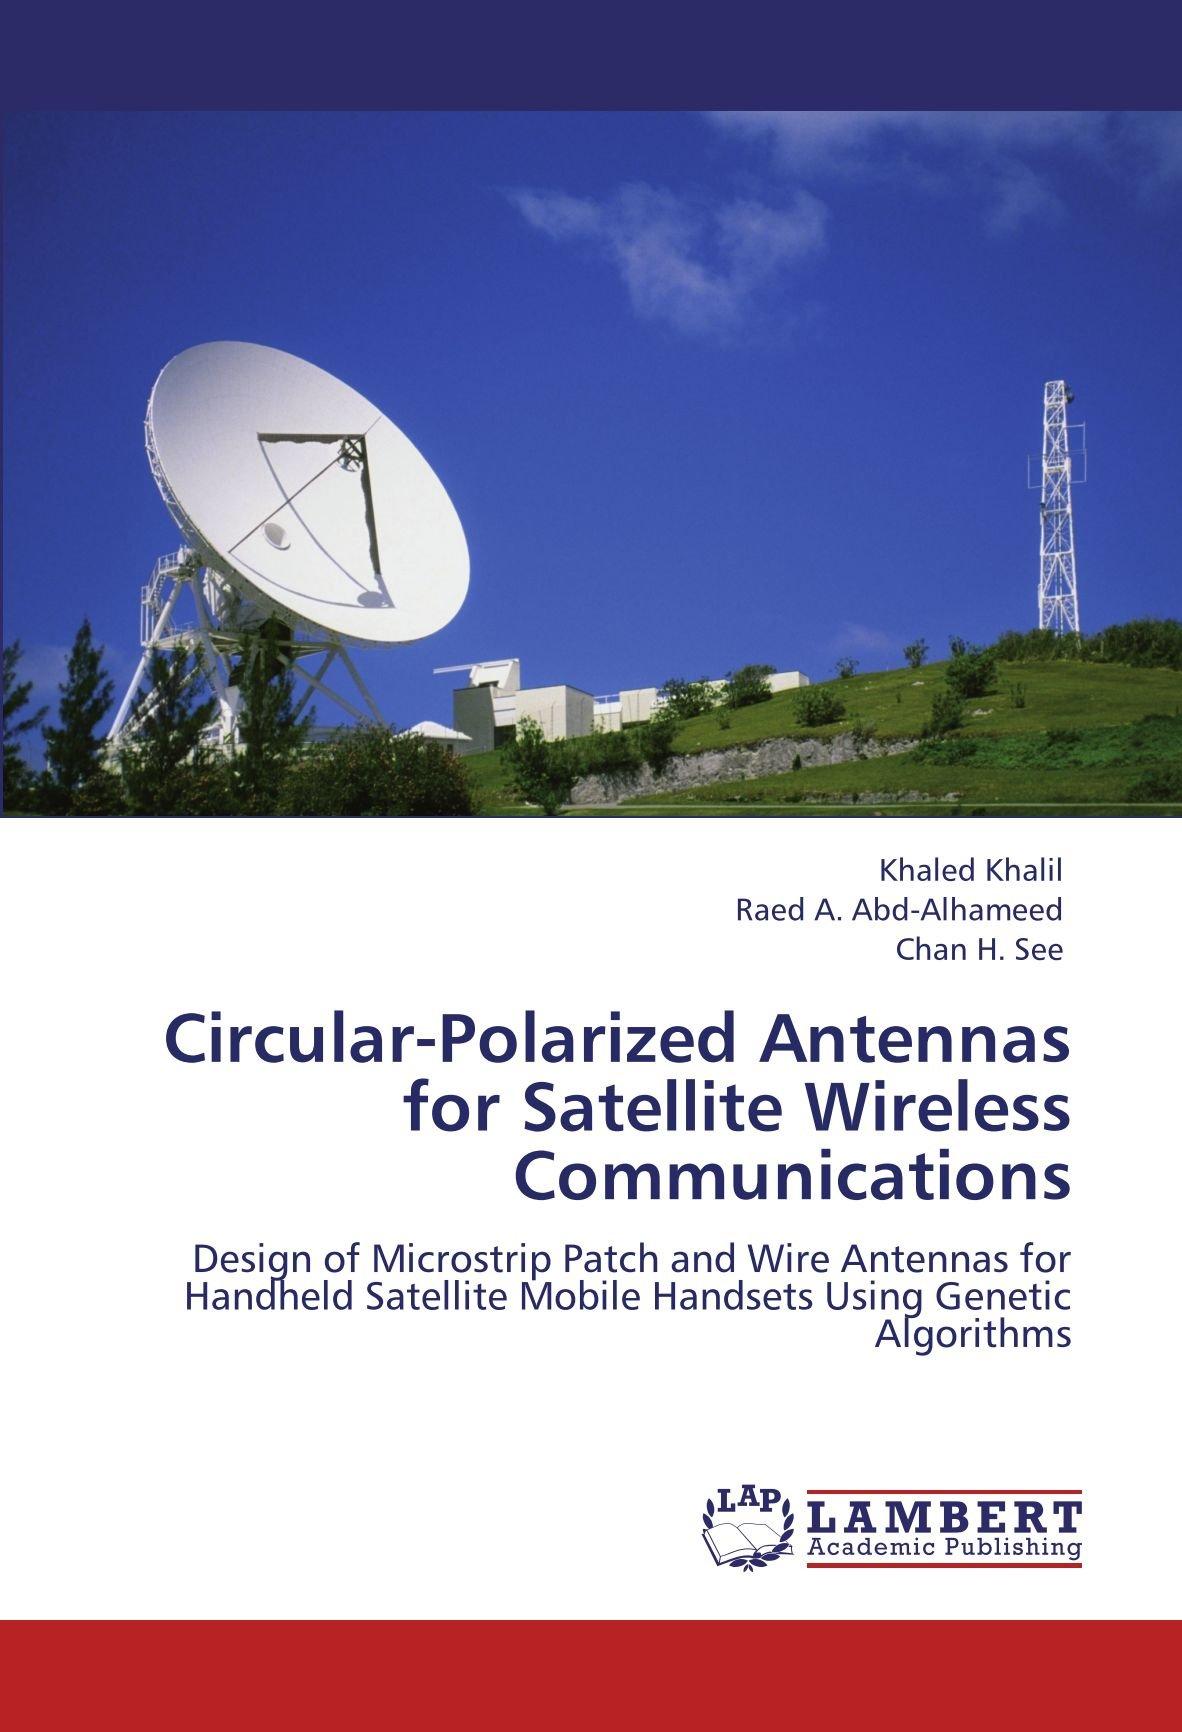 Circular-Polarized Antennas for Satellite Wireless ...